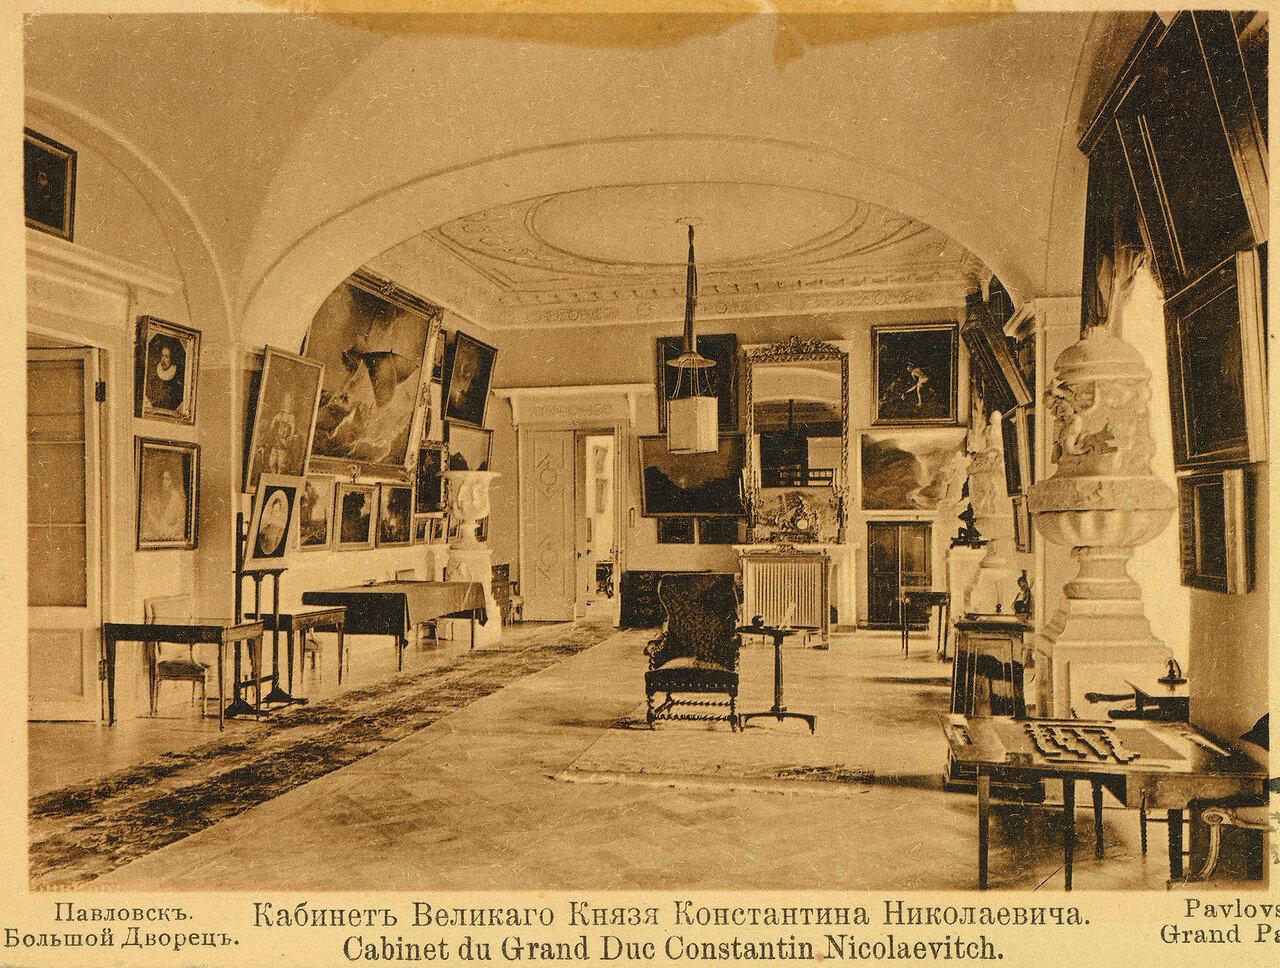 Большой дворец. Кабинет Великого Князя Константина Николаевича